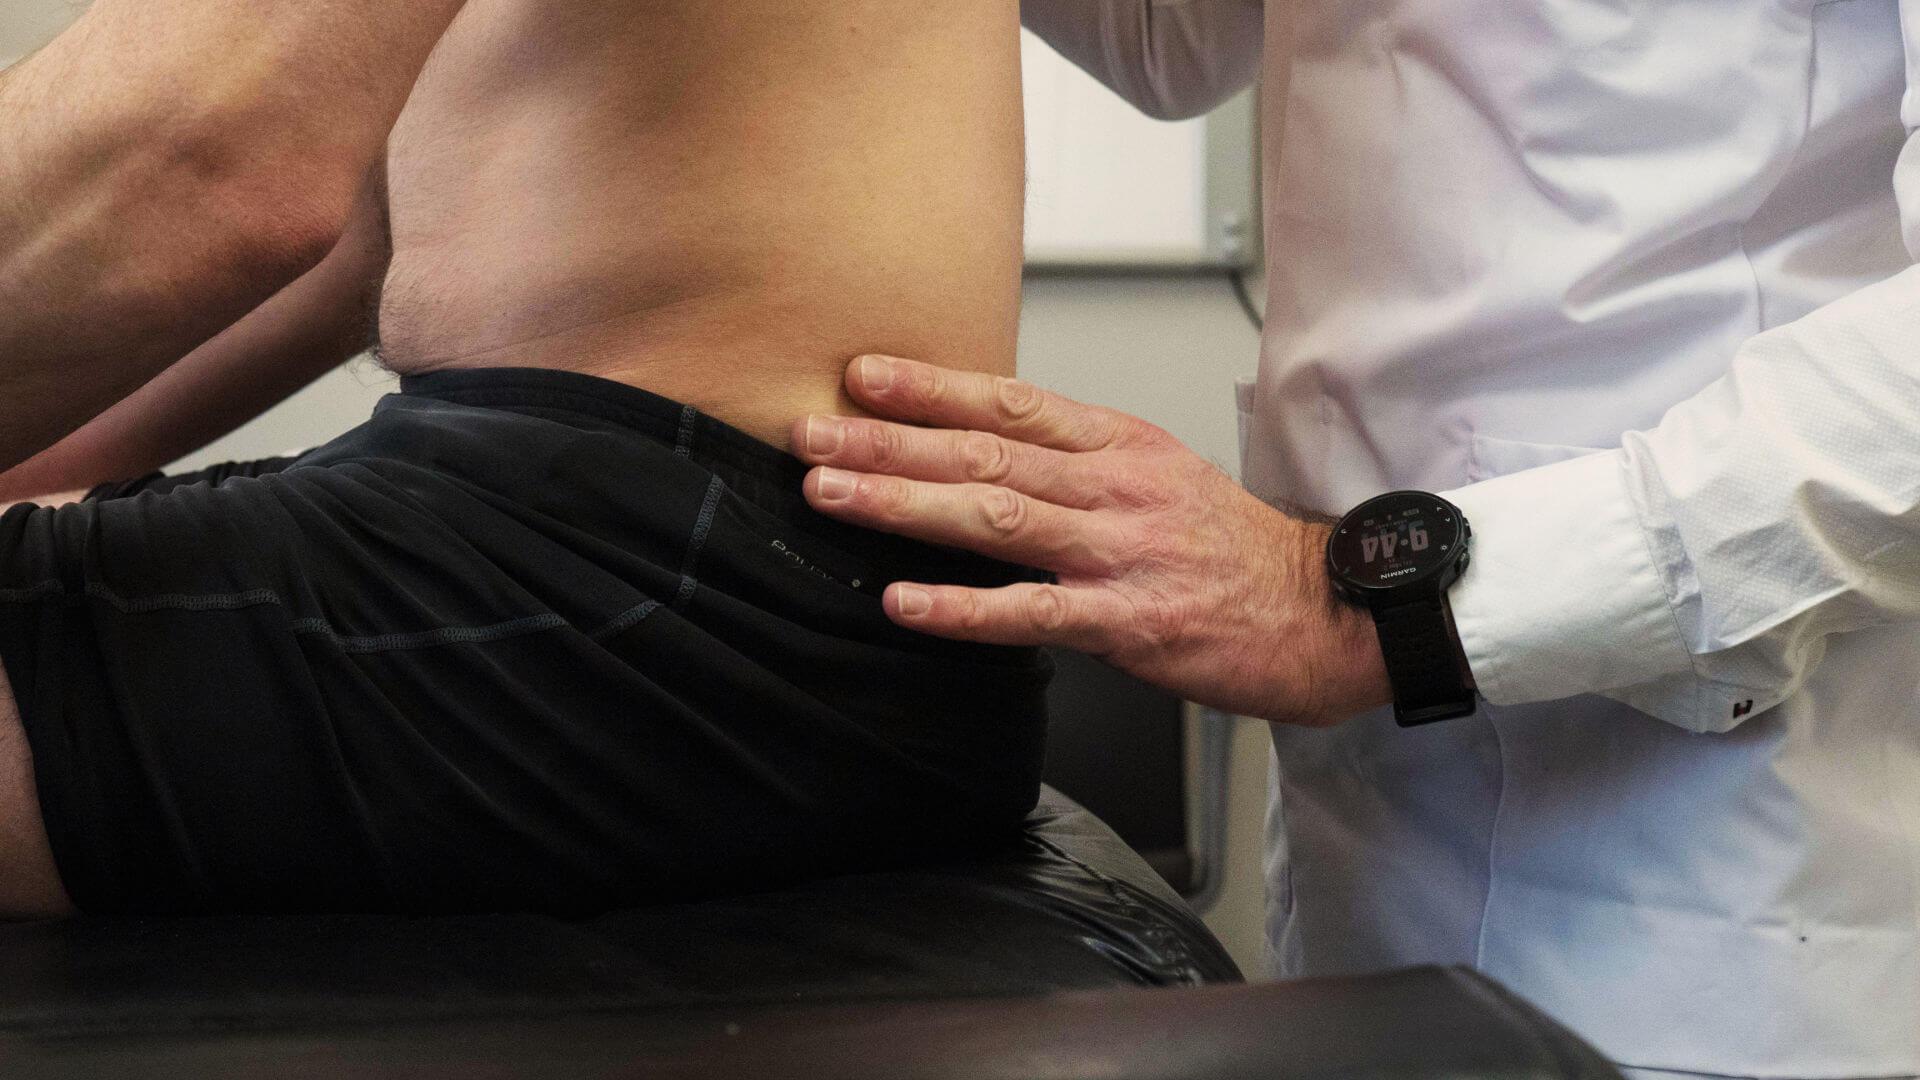 Chiropraxie enkele misverstanden gekraakt